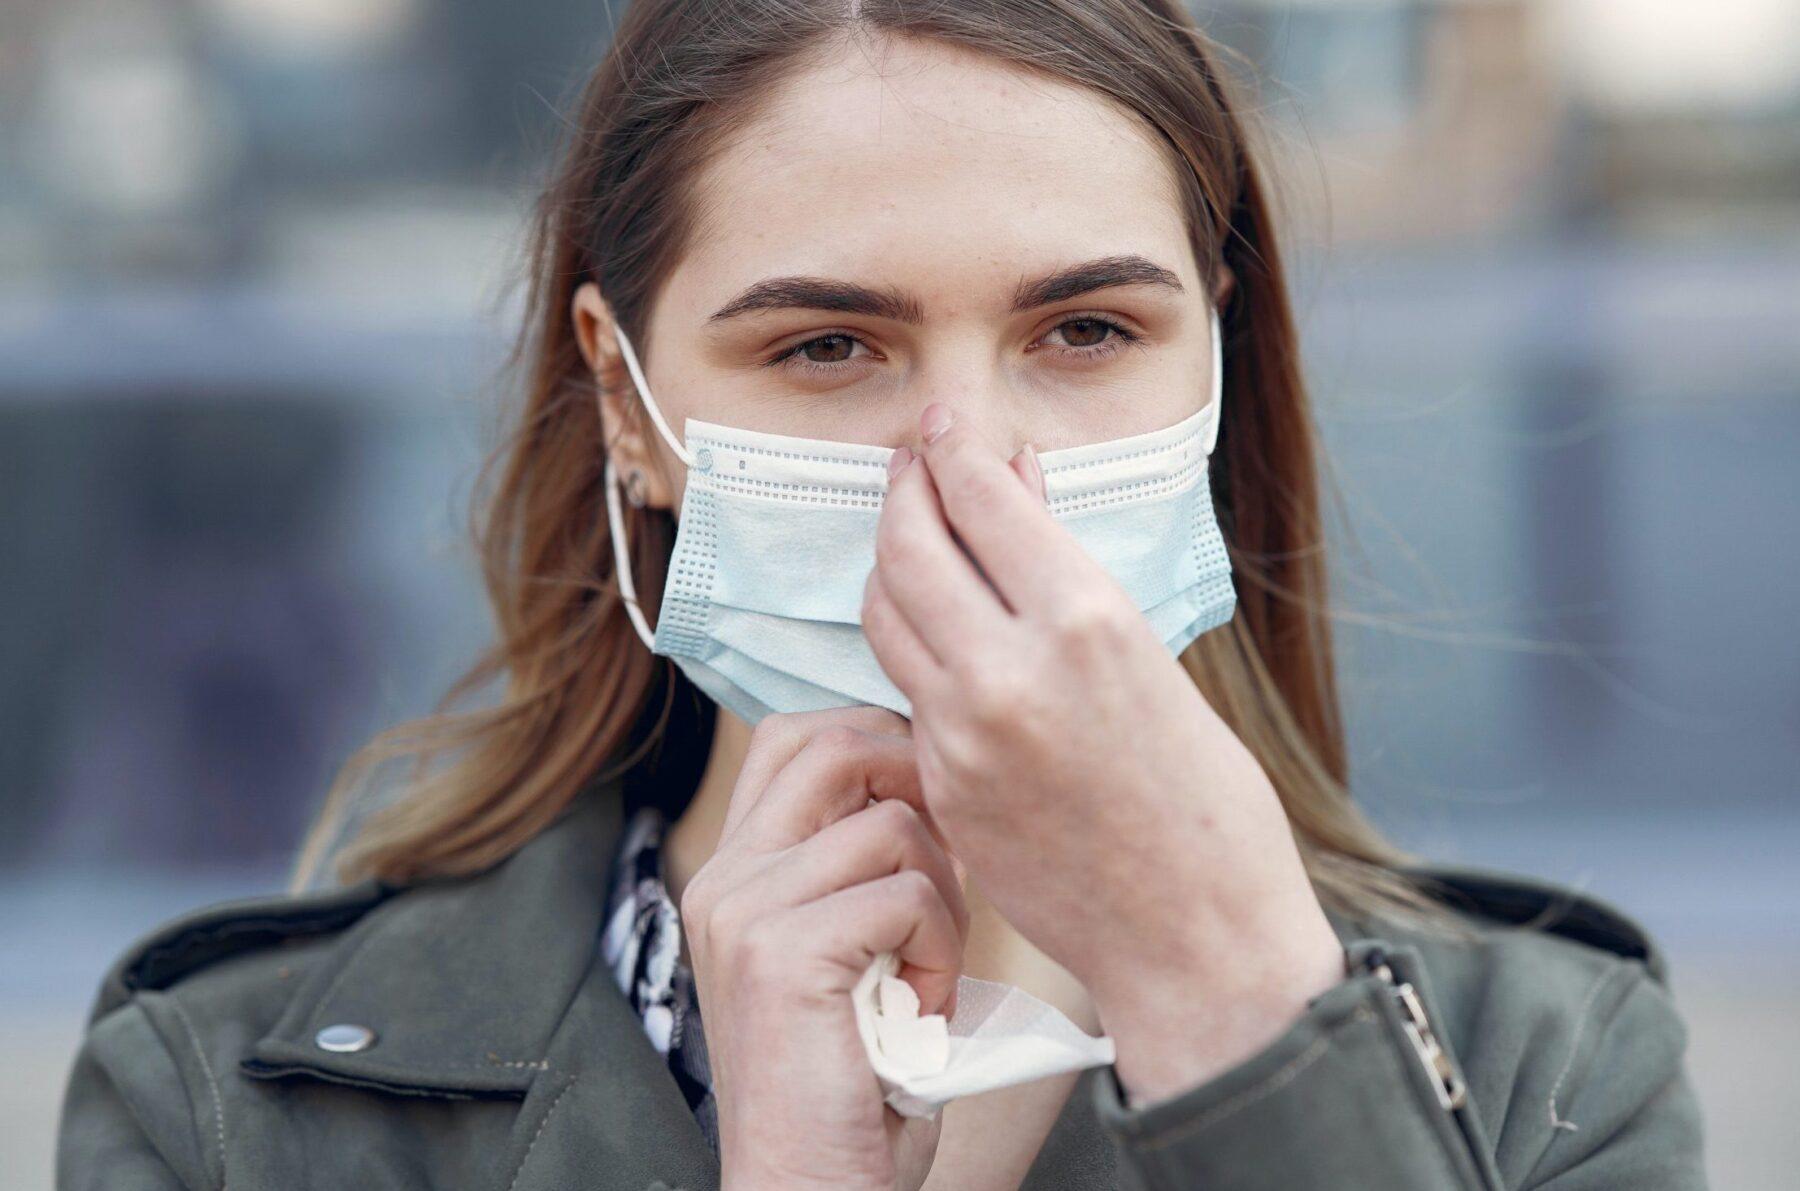 Sve više ljudi nosi maske